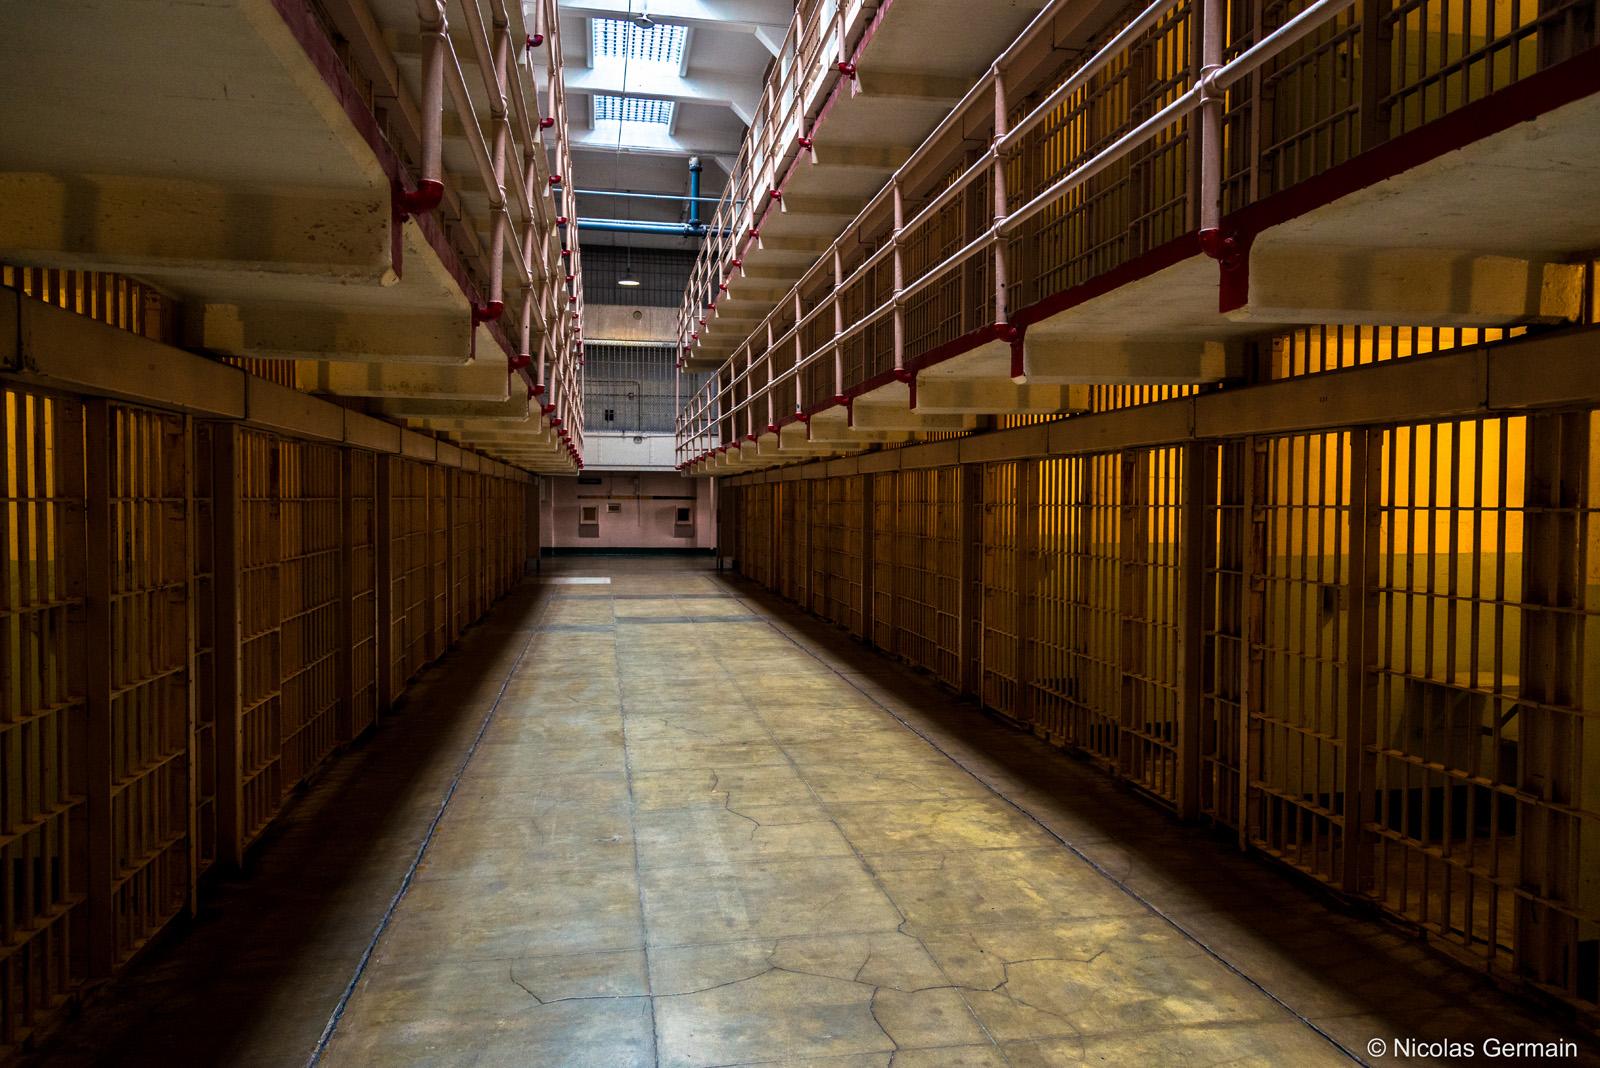 Cellules de la prison d'Alcatraz à San Francisco